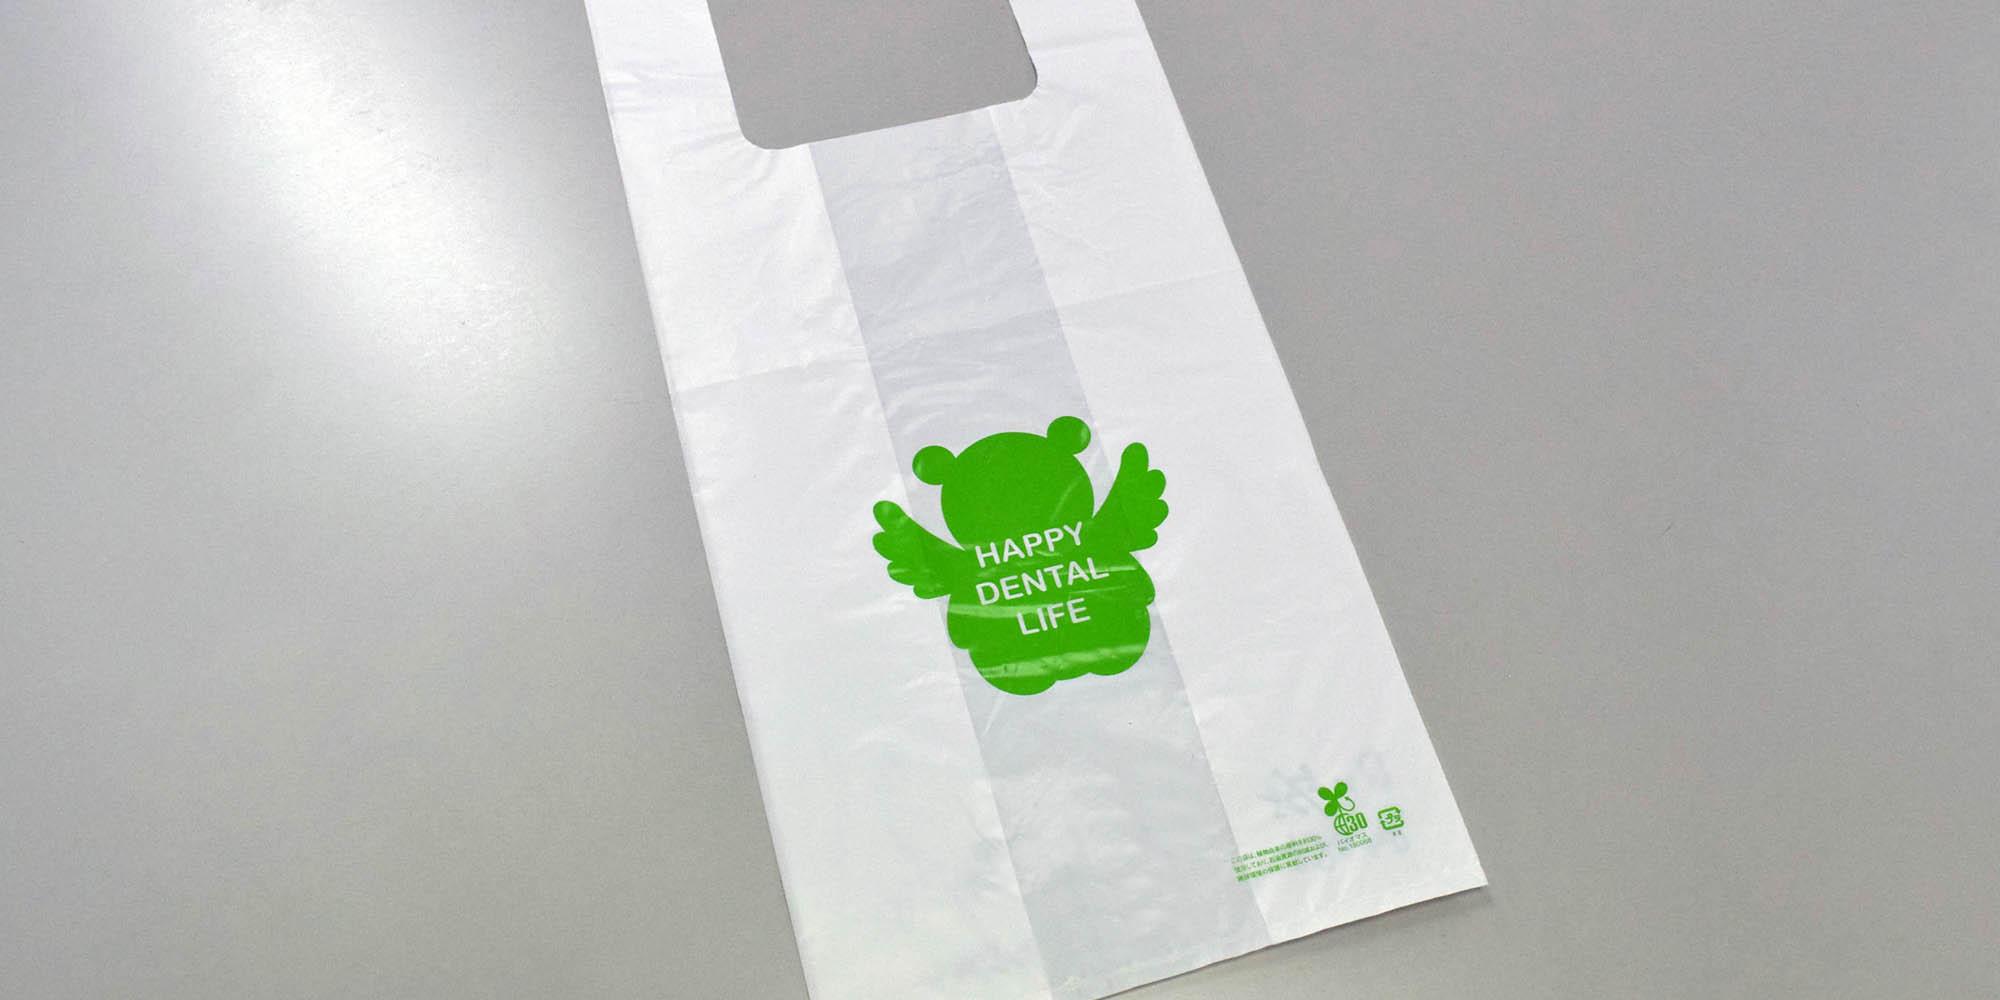 歯科医様向けの地球環境に配慮したバイオマスプラ30%を含むお持ち帰り用レジ袋(UBAG)